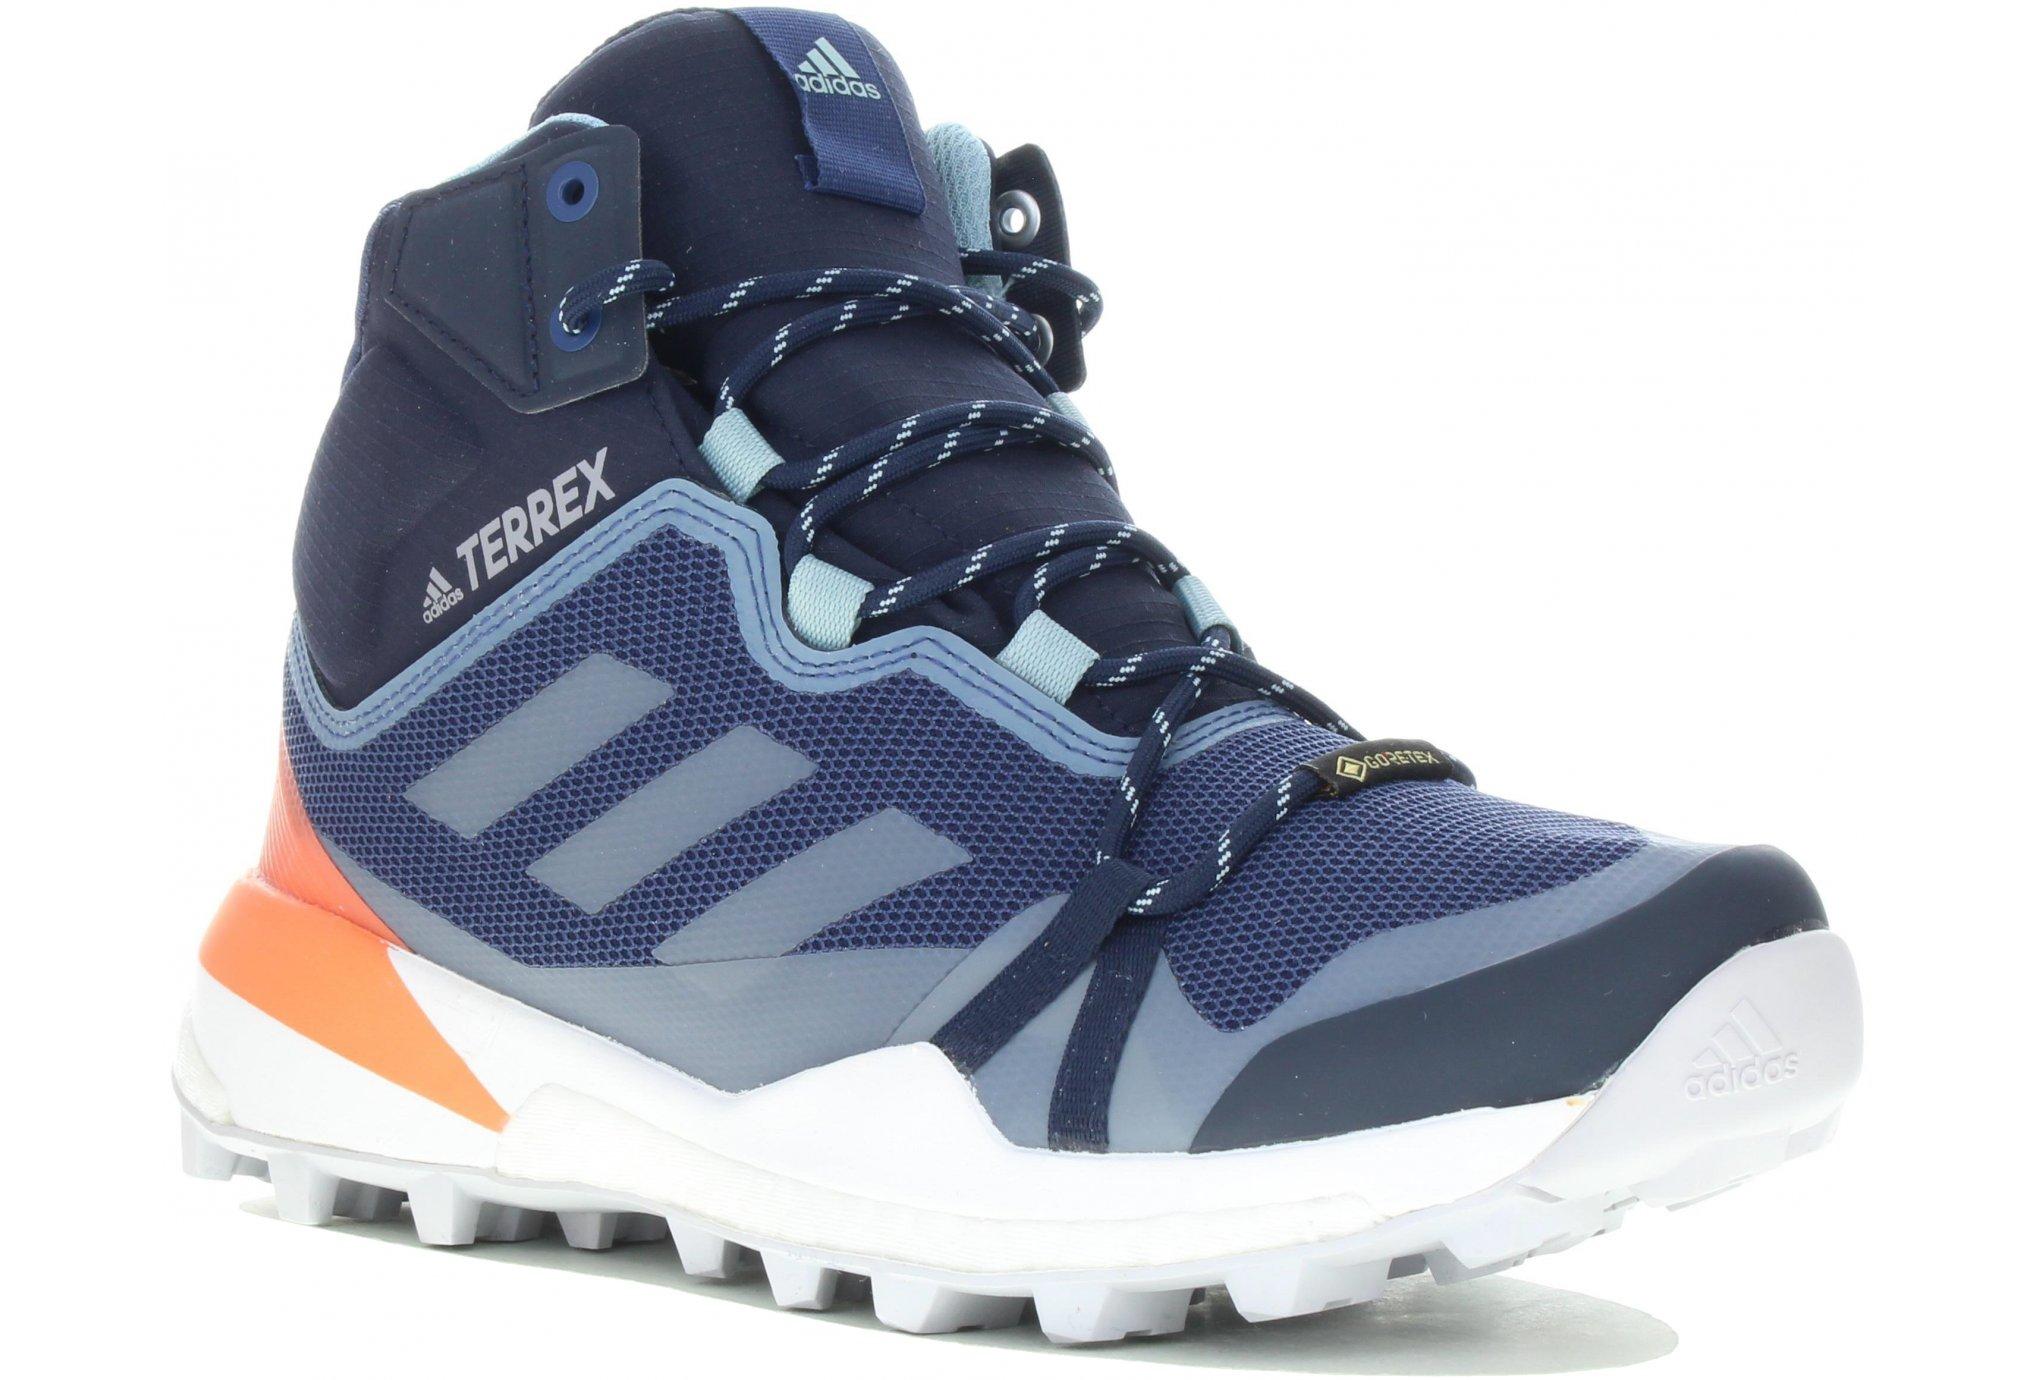 adidas Terrex Skychaser LT Mid Gore-Tex Chaussures running femme